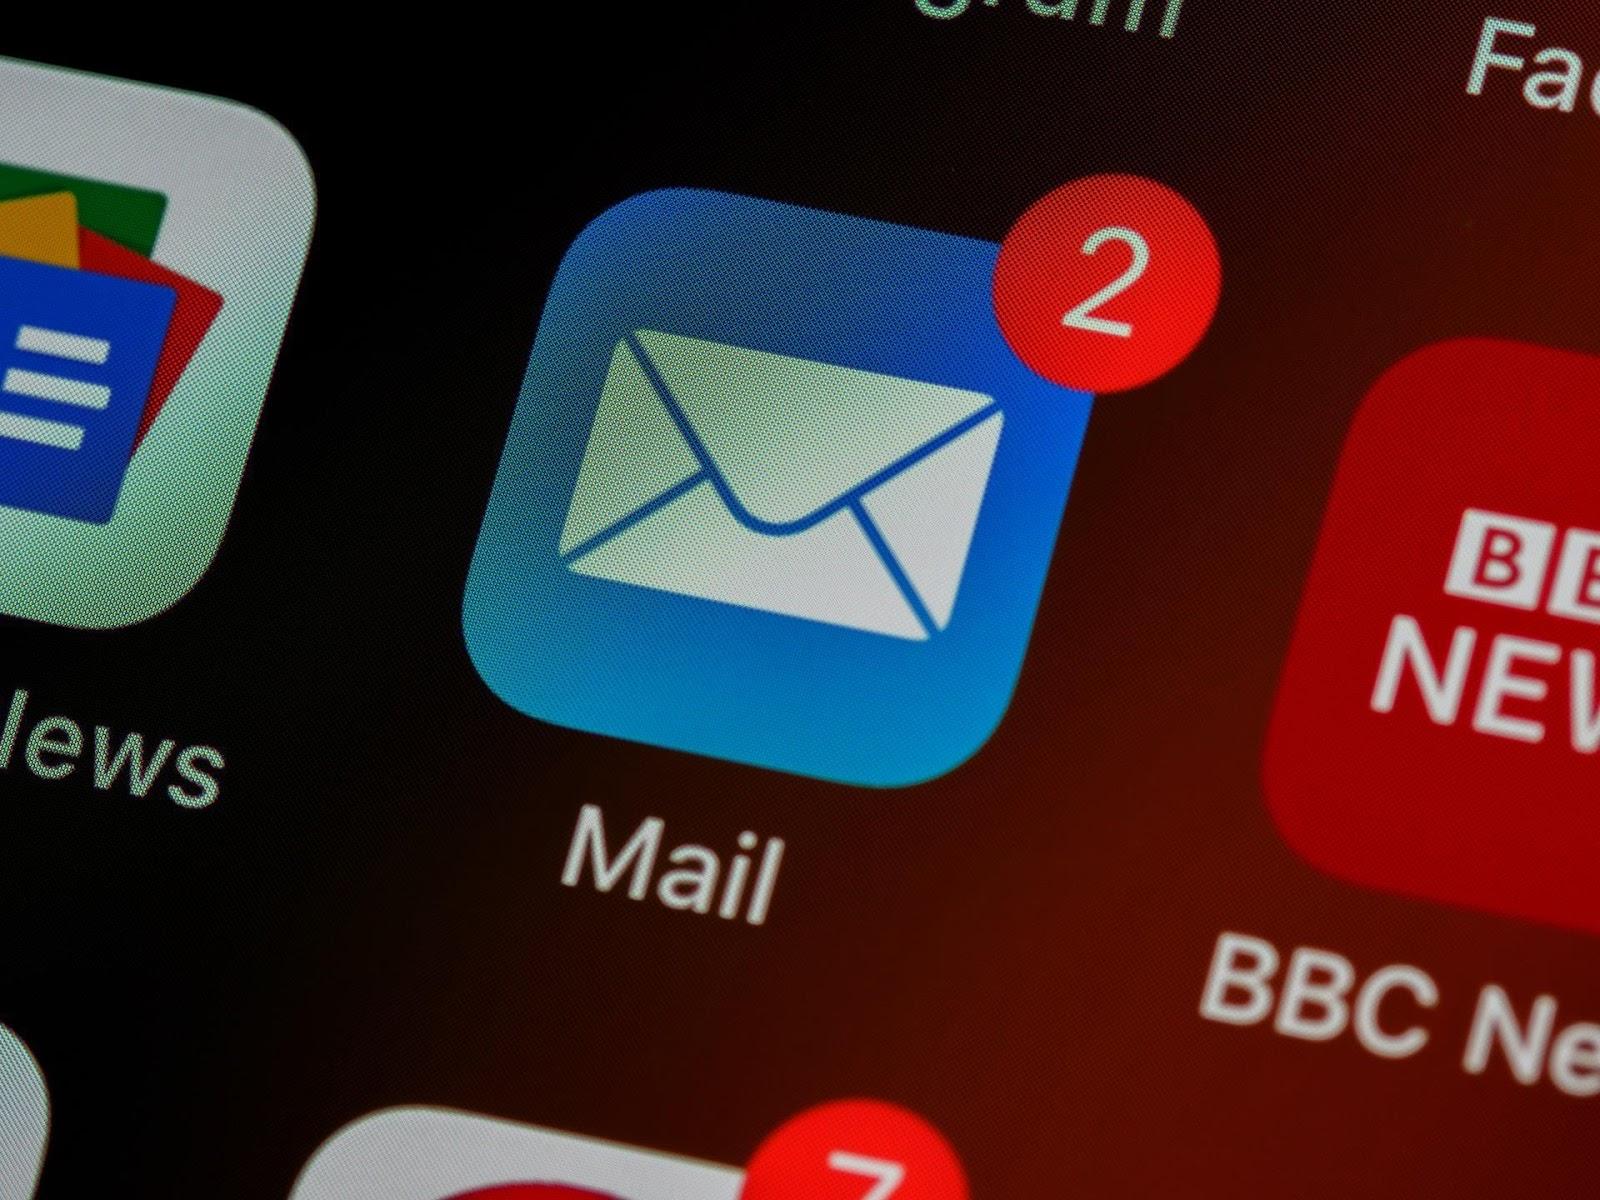 Fazer uma limpeza no e-mail também ajuda a ter um celular organizado